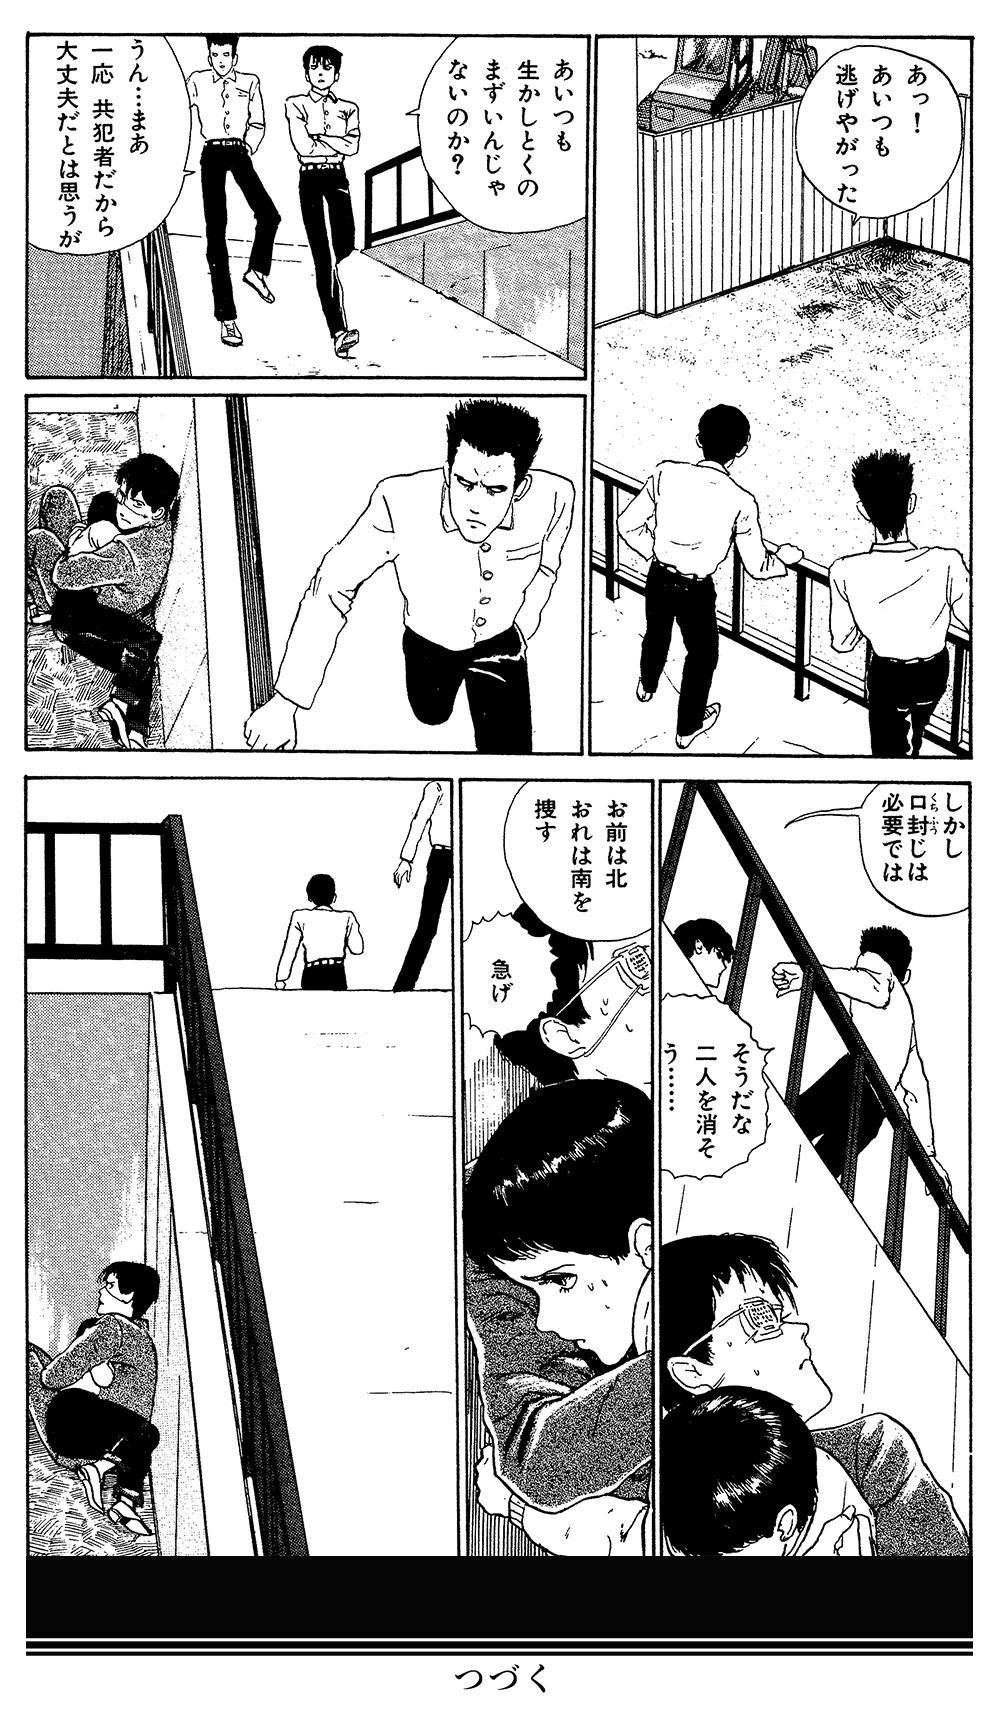 伊藤潤二傑作集 第5話「富江 接吻」①junji15-11.jpg